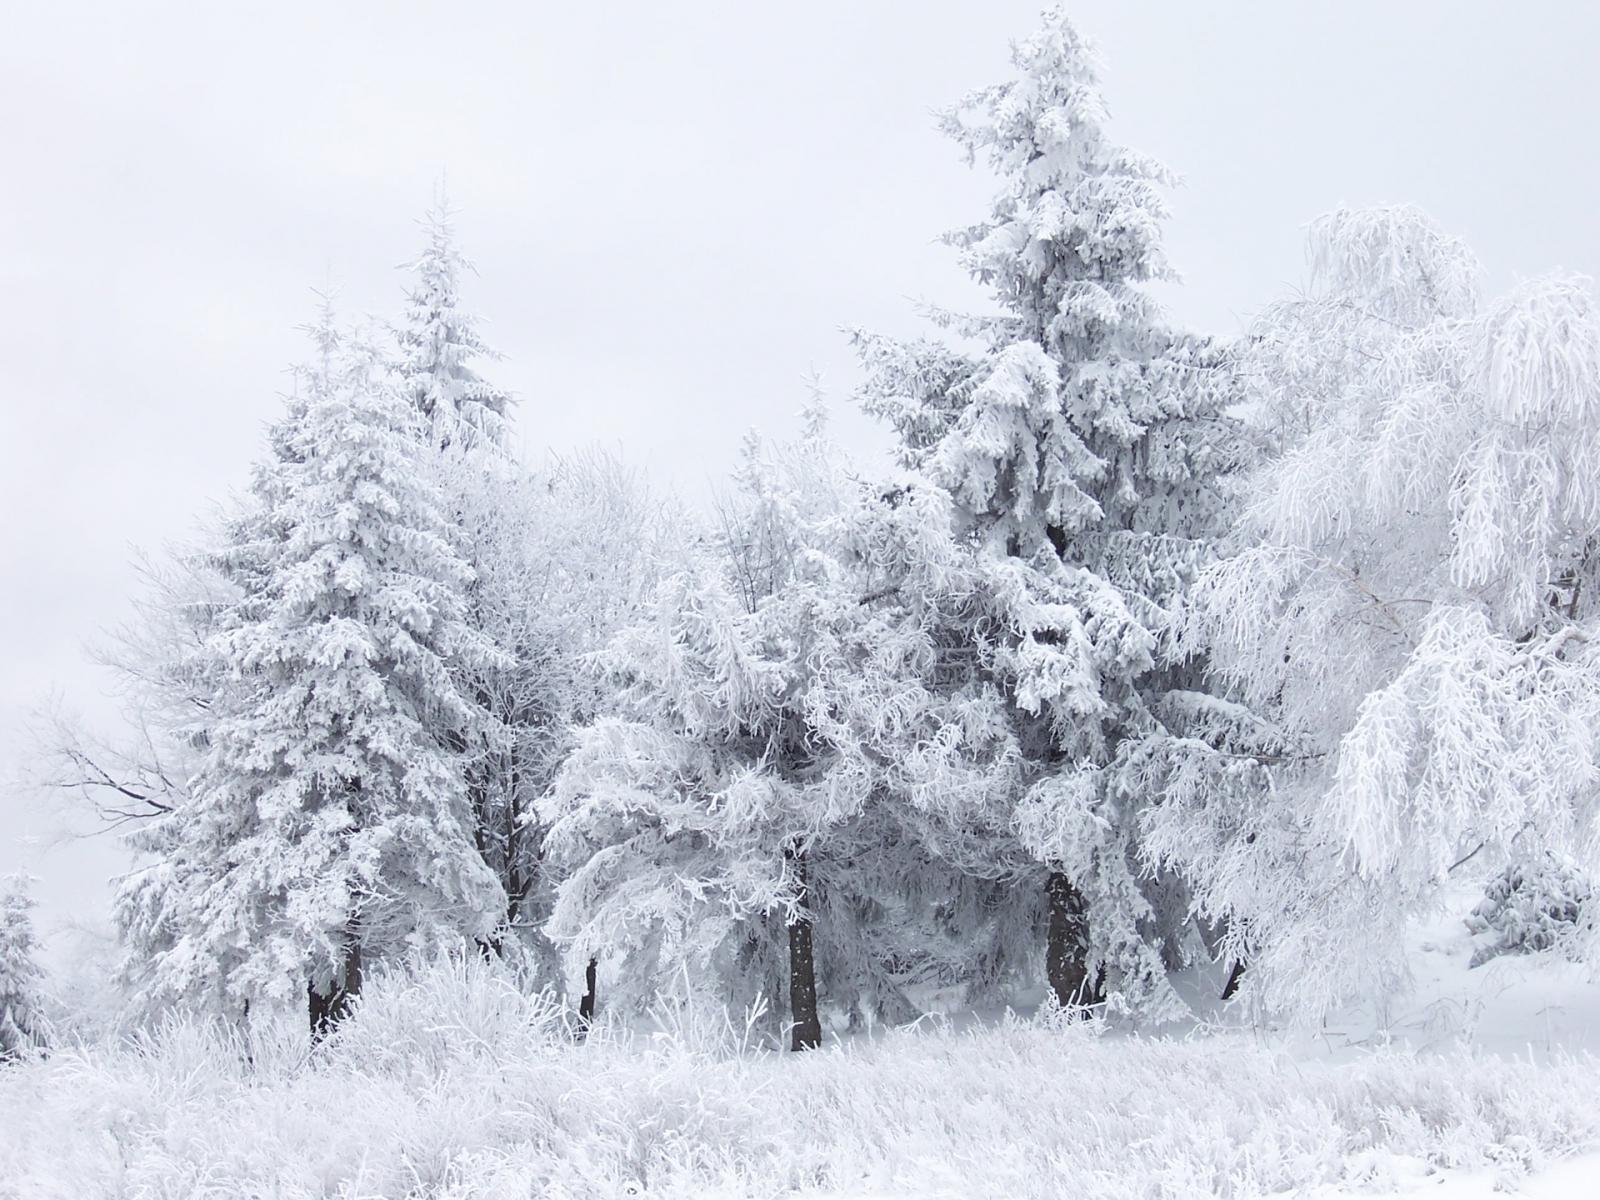 9243 скачать обои Пейзаж, Зима, Деревья, Елки - заставки и картинки бесплатно